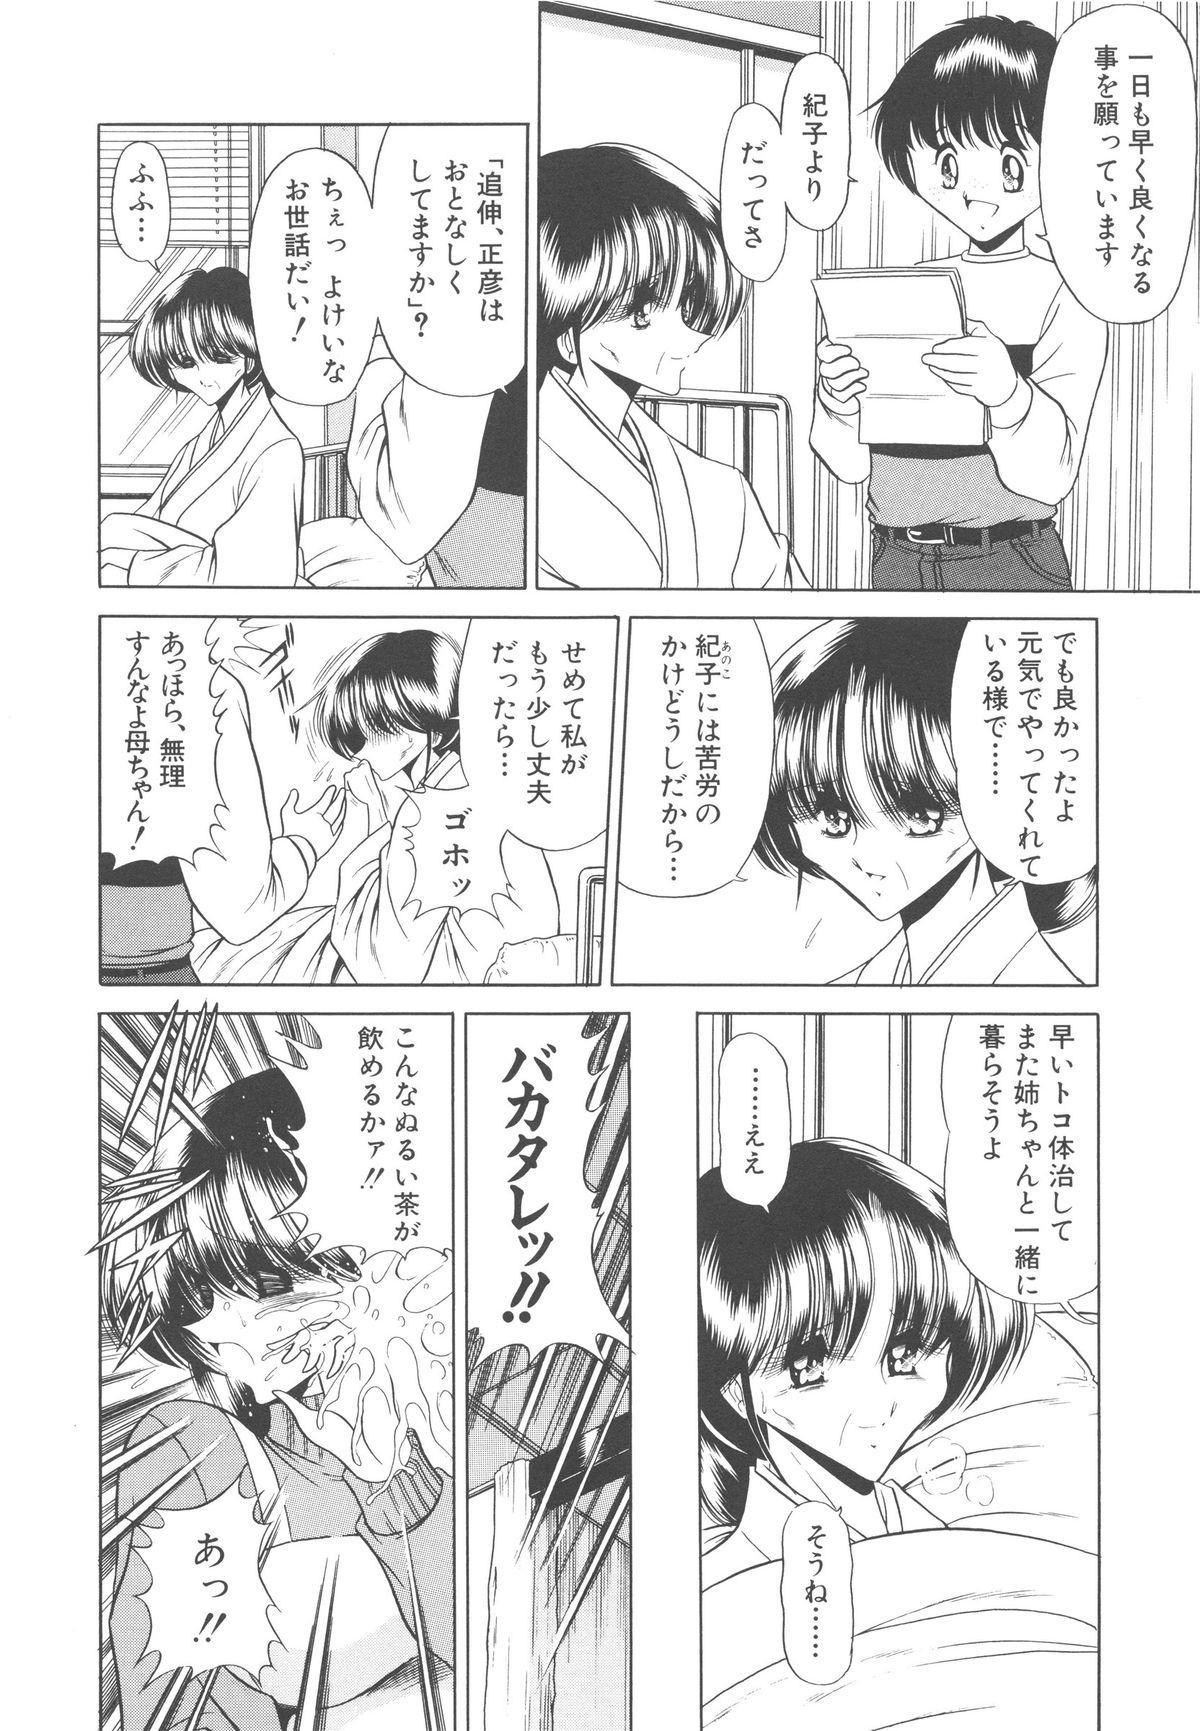 Aware na Shoujo no Hanashi 146